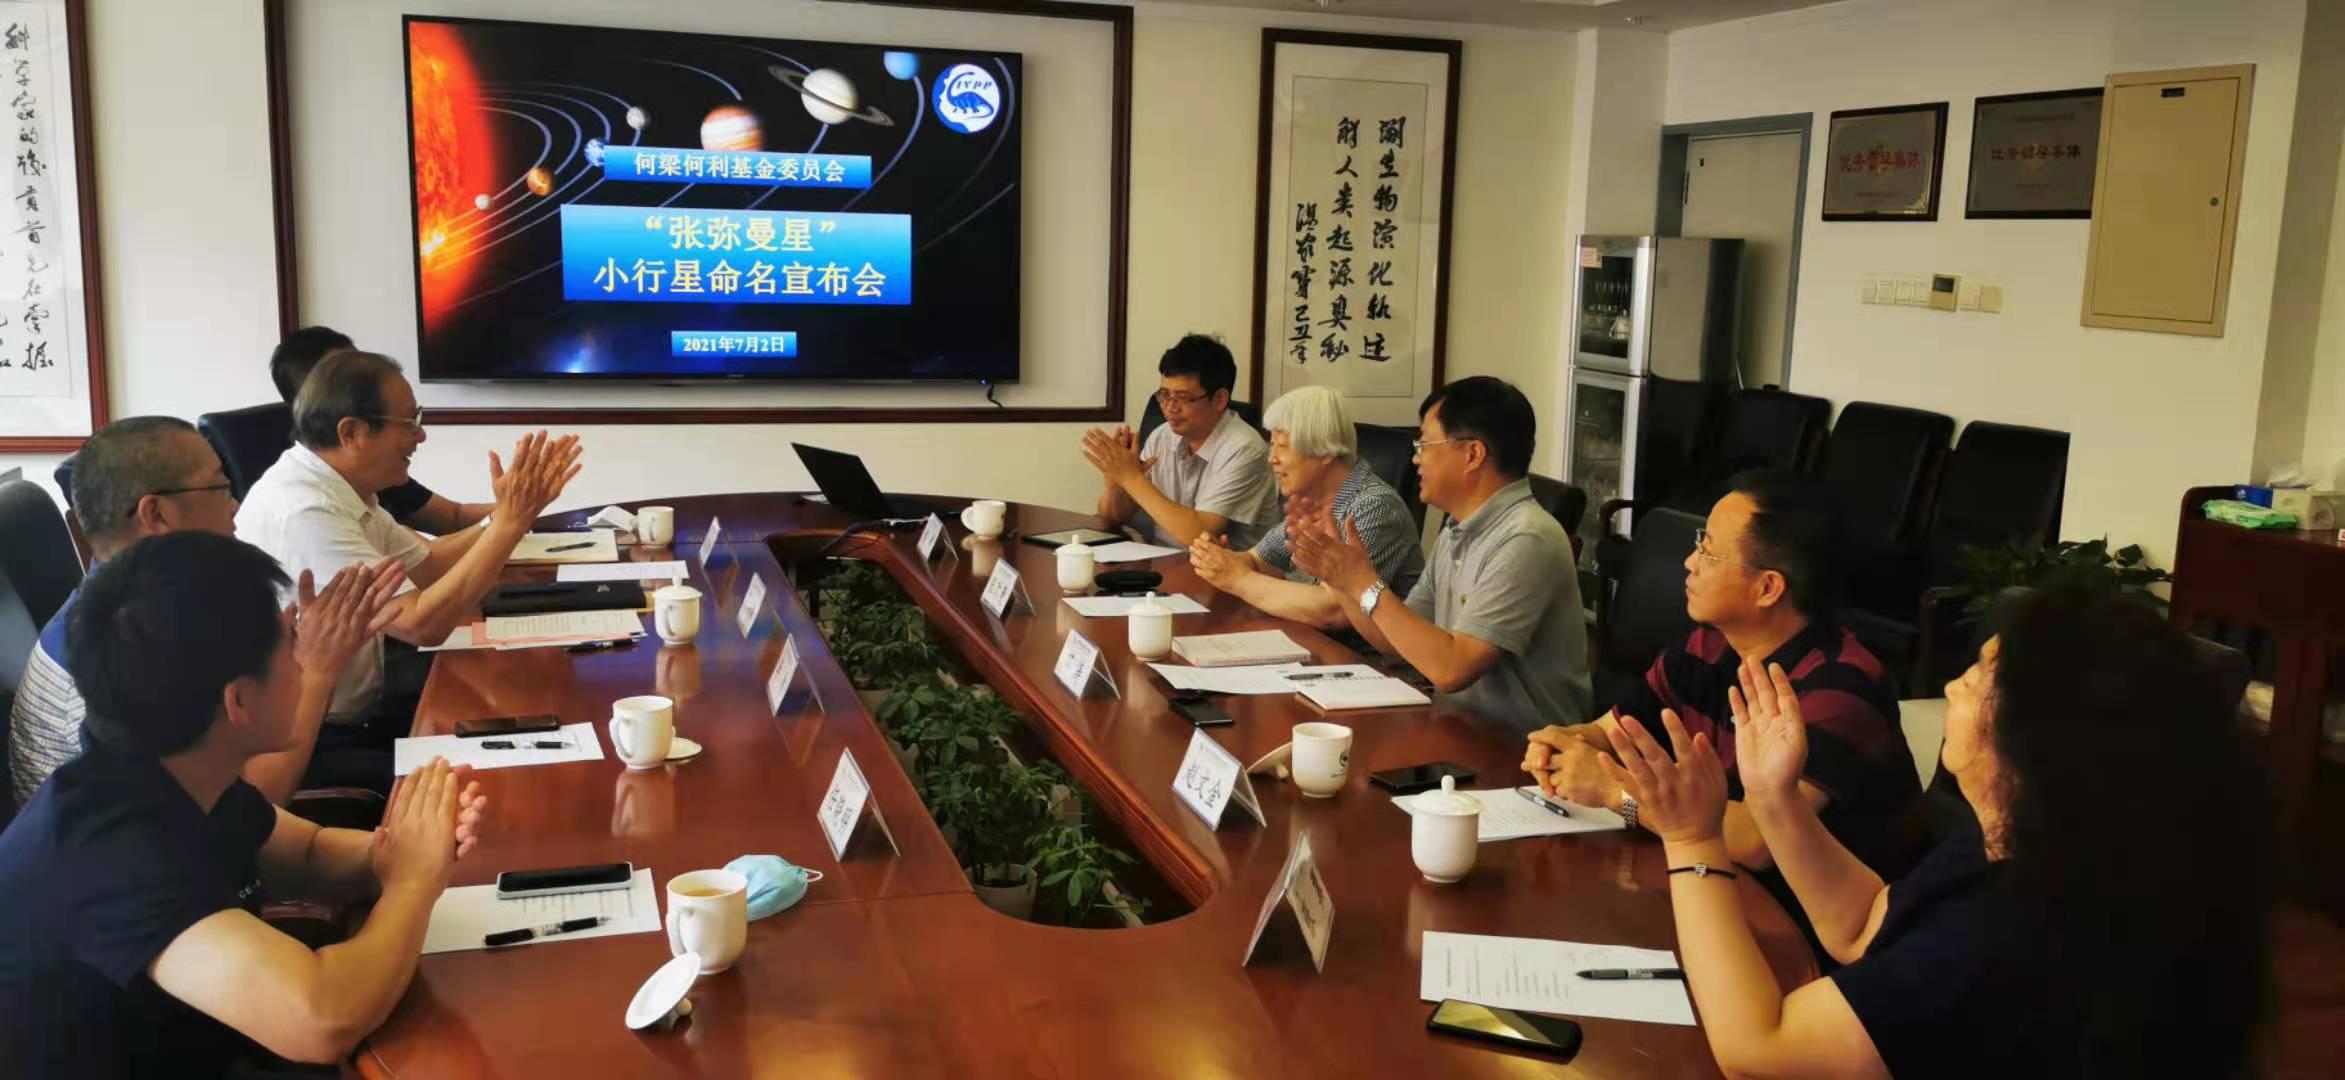 """中国科学院紫金山天文台发现的国际编号为347336号小行星正式命名为""""张弥曼星"""""""